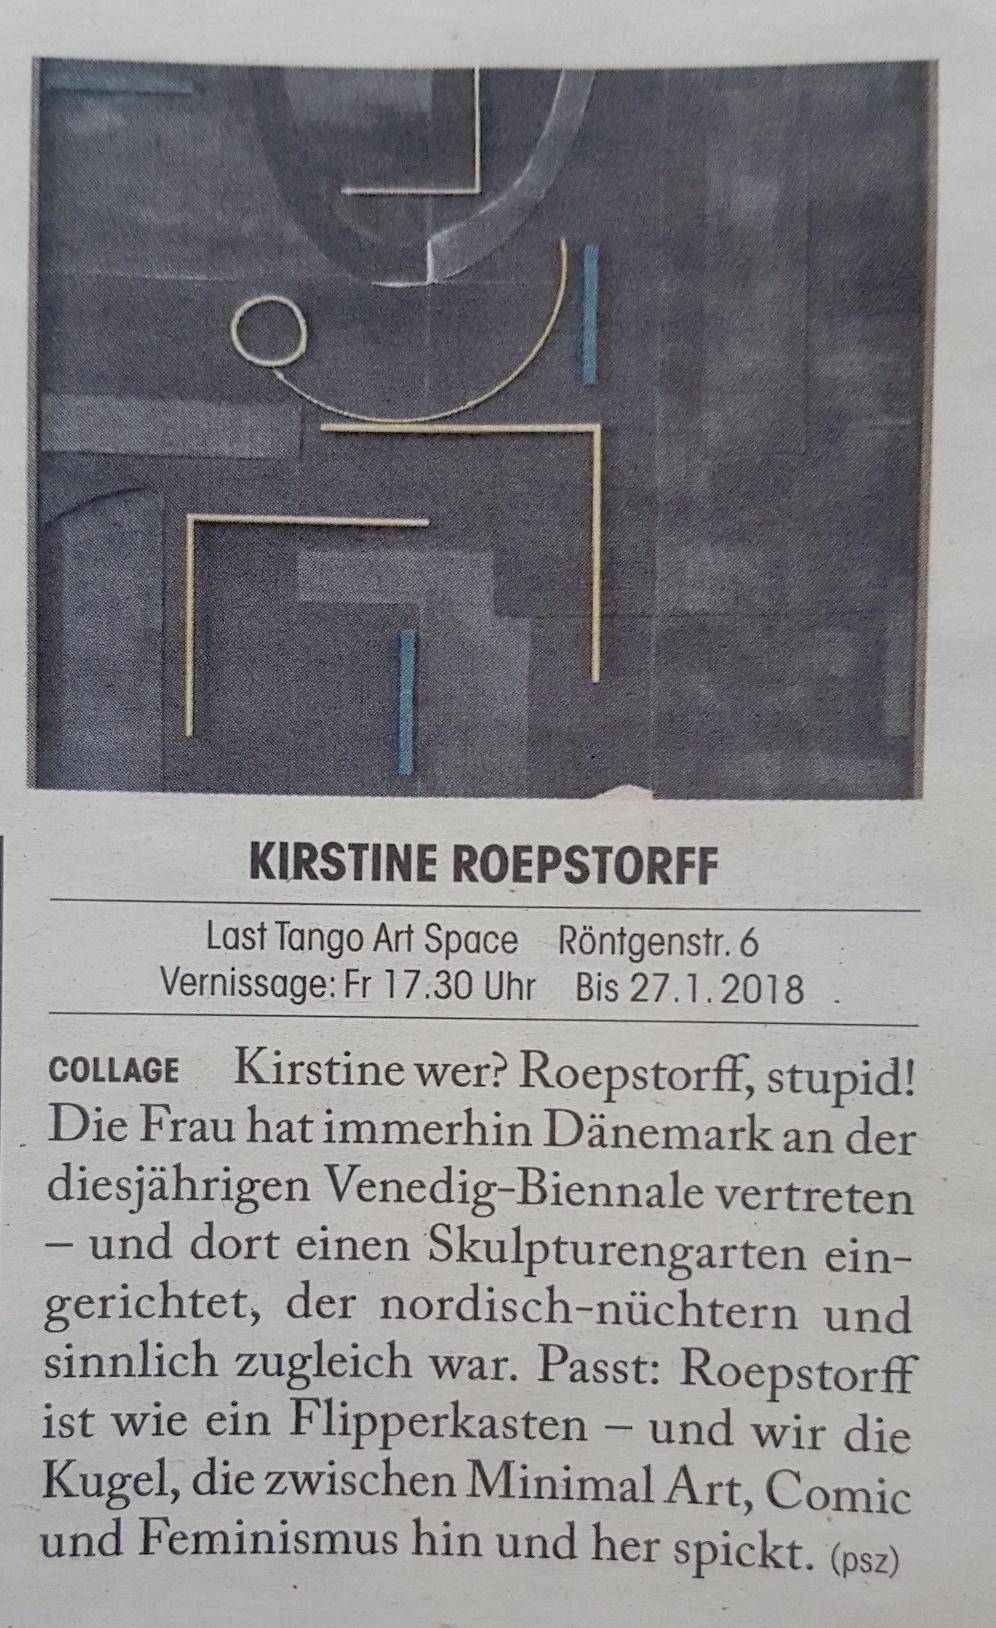 Tages Anzeiger, Züritipp, 07/12/17 by Paulina Szczesniak -